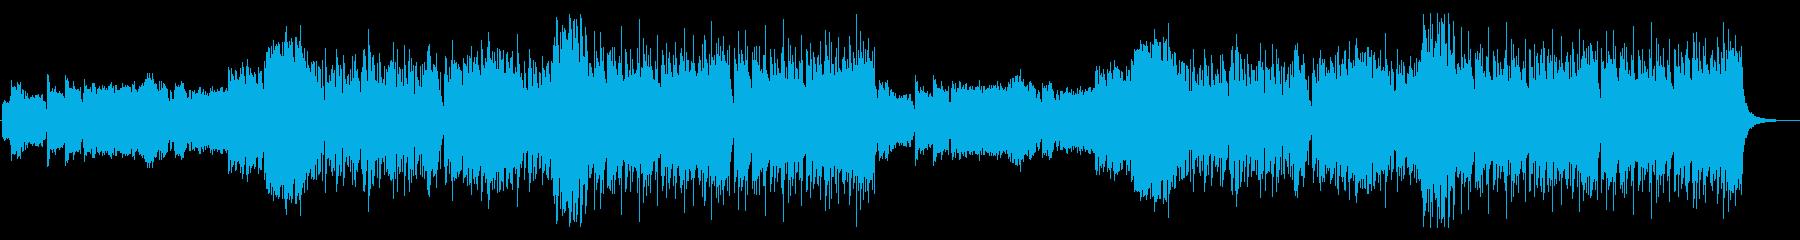 爽やかで軽快なBGMです。の再生済みの波形